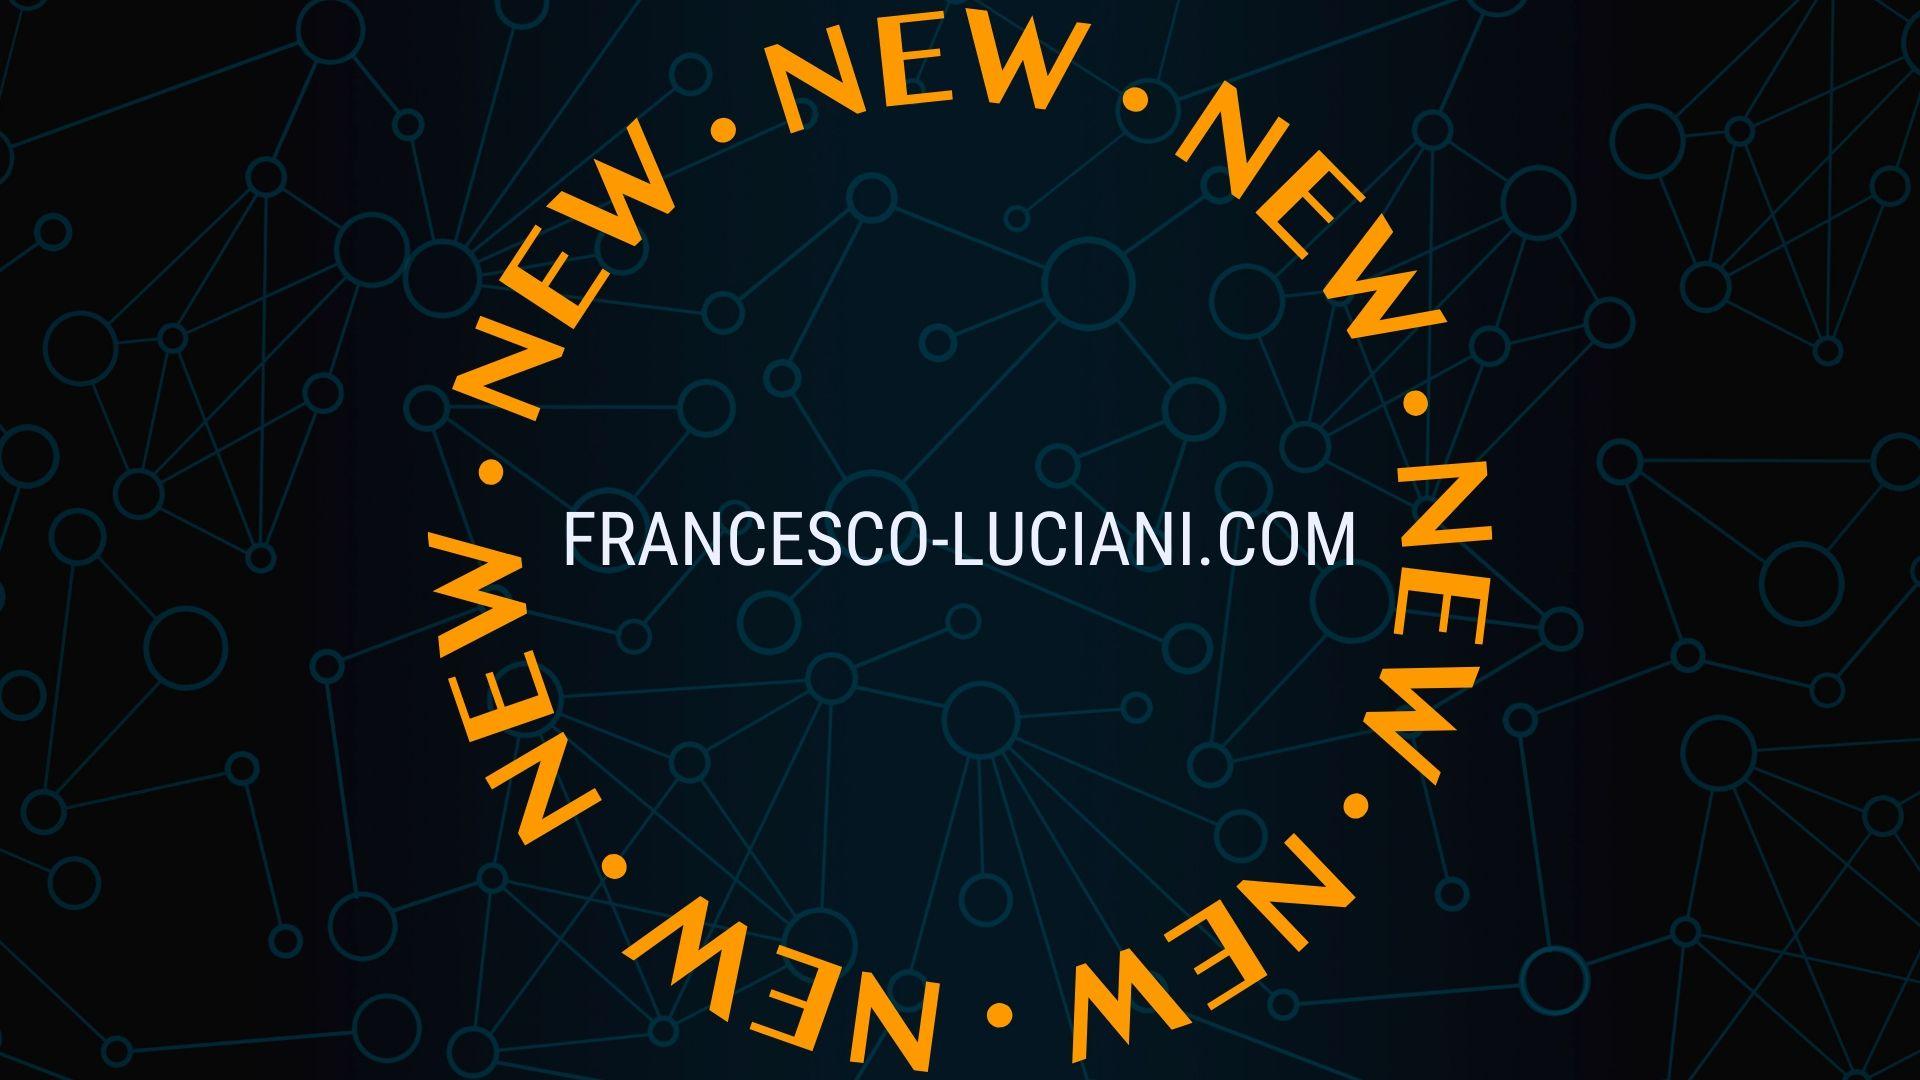 Novo website disponível ao público em Maio de 2020